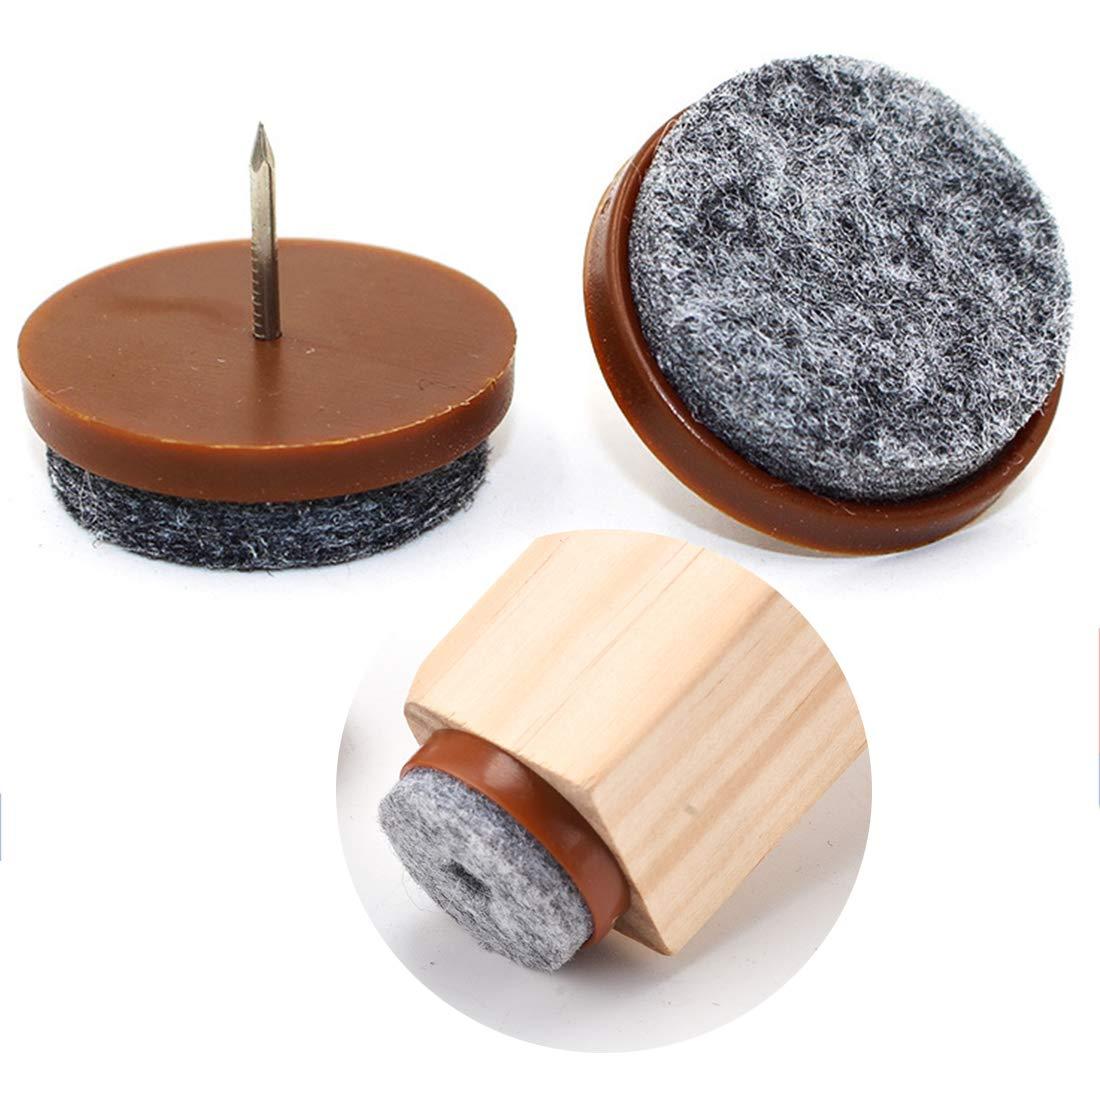 Pack de 32 almohadillas de fieltro para patas de sillas de madera, 8 mm de grosor de fieltro y clavos de 14 mm, almohadillas protectoras antideslizantes para el piso,: Amazon.es: Bricolaje y herramientas